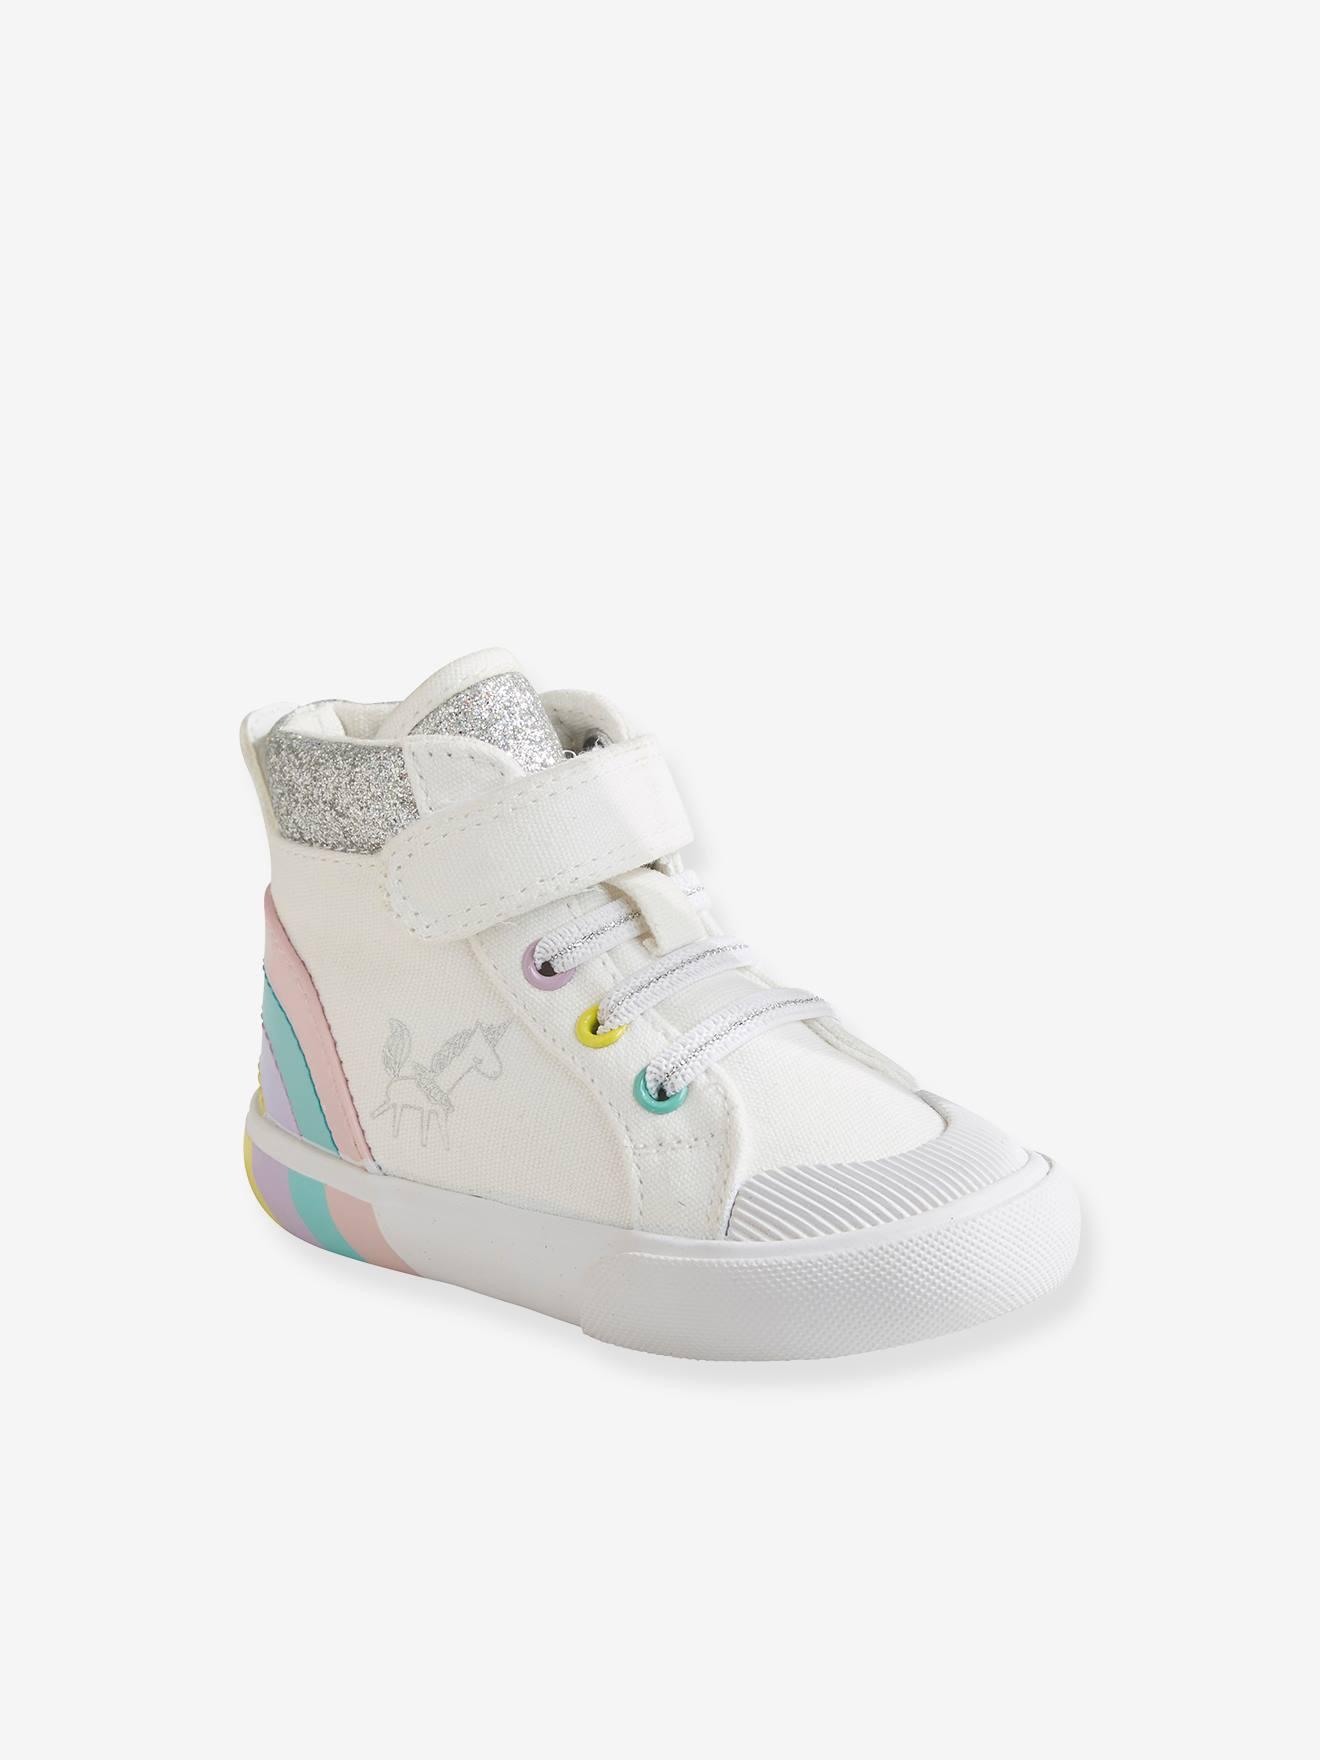 Baskets montantes bébé fille blanc - Vertbaudet